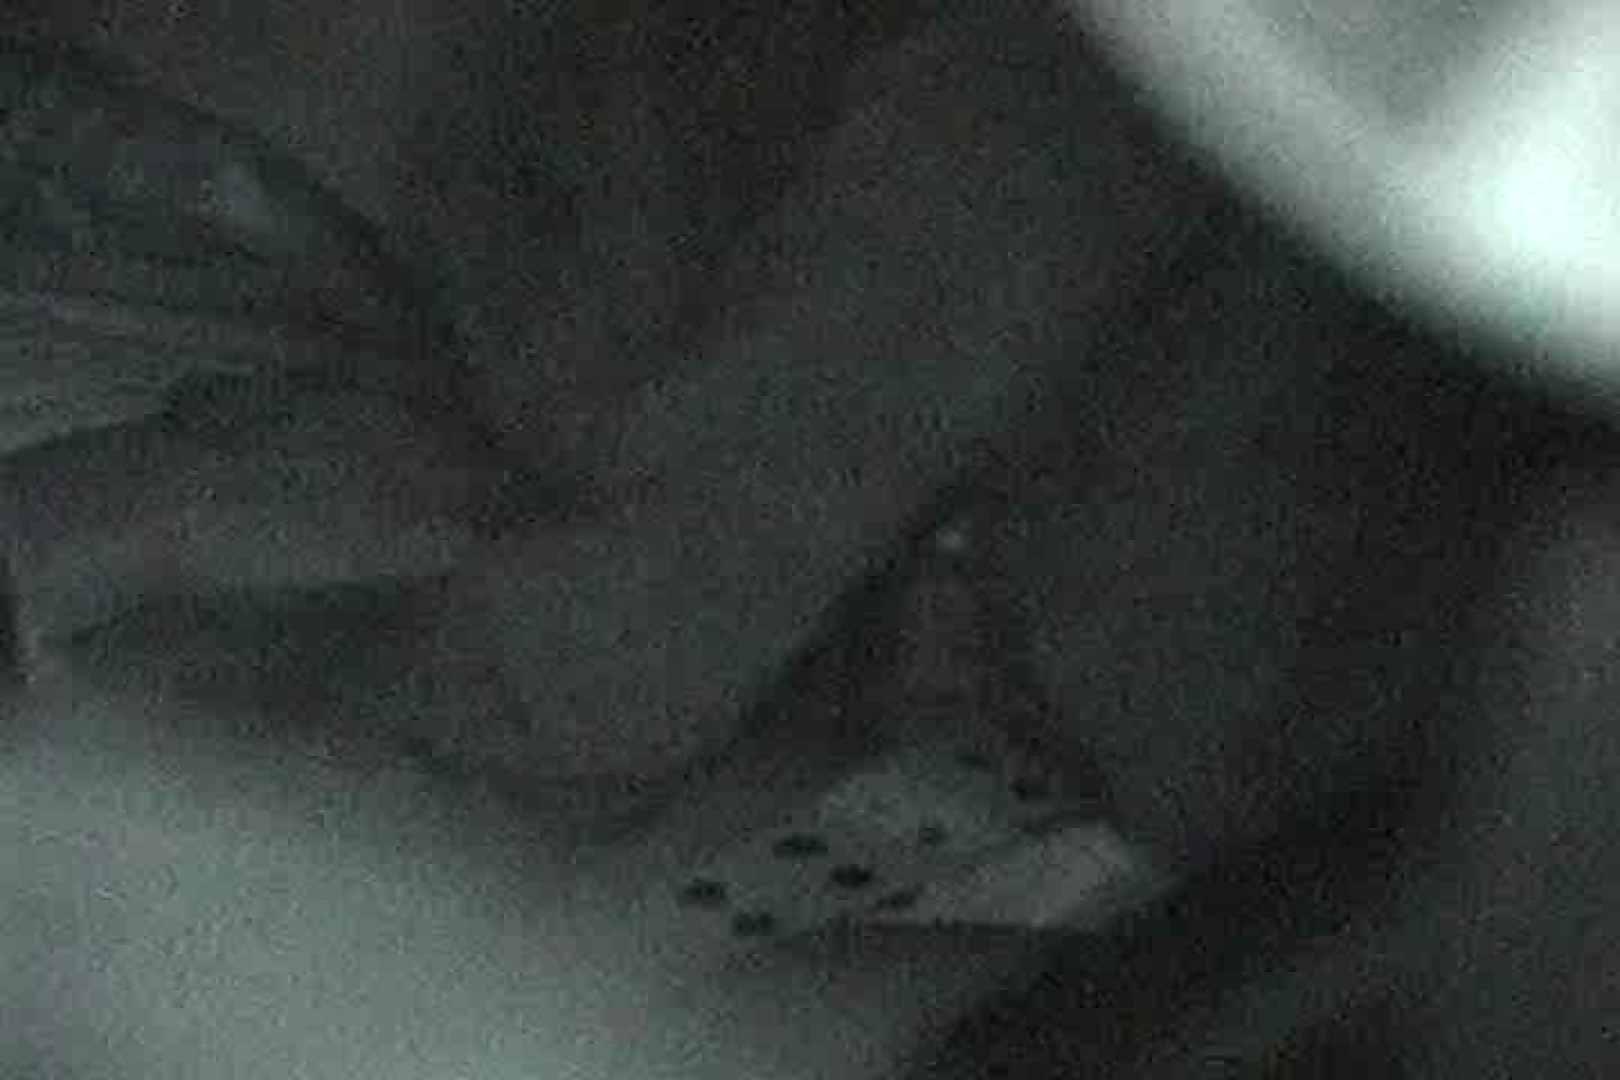 充血監督の深夜の運動会Vol.2 OLの実態 隠し撮りすけべAV動画紹介 61pic 22